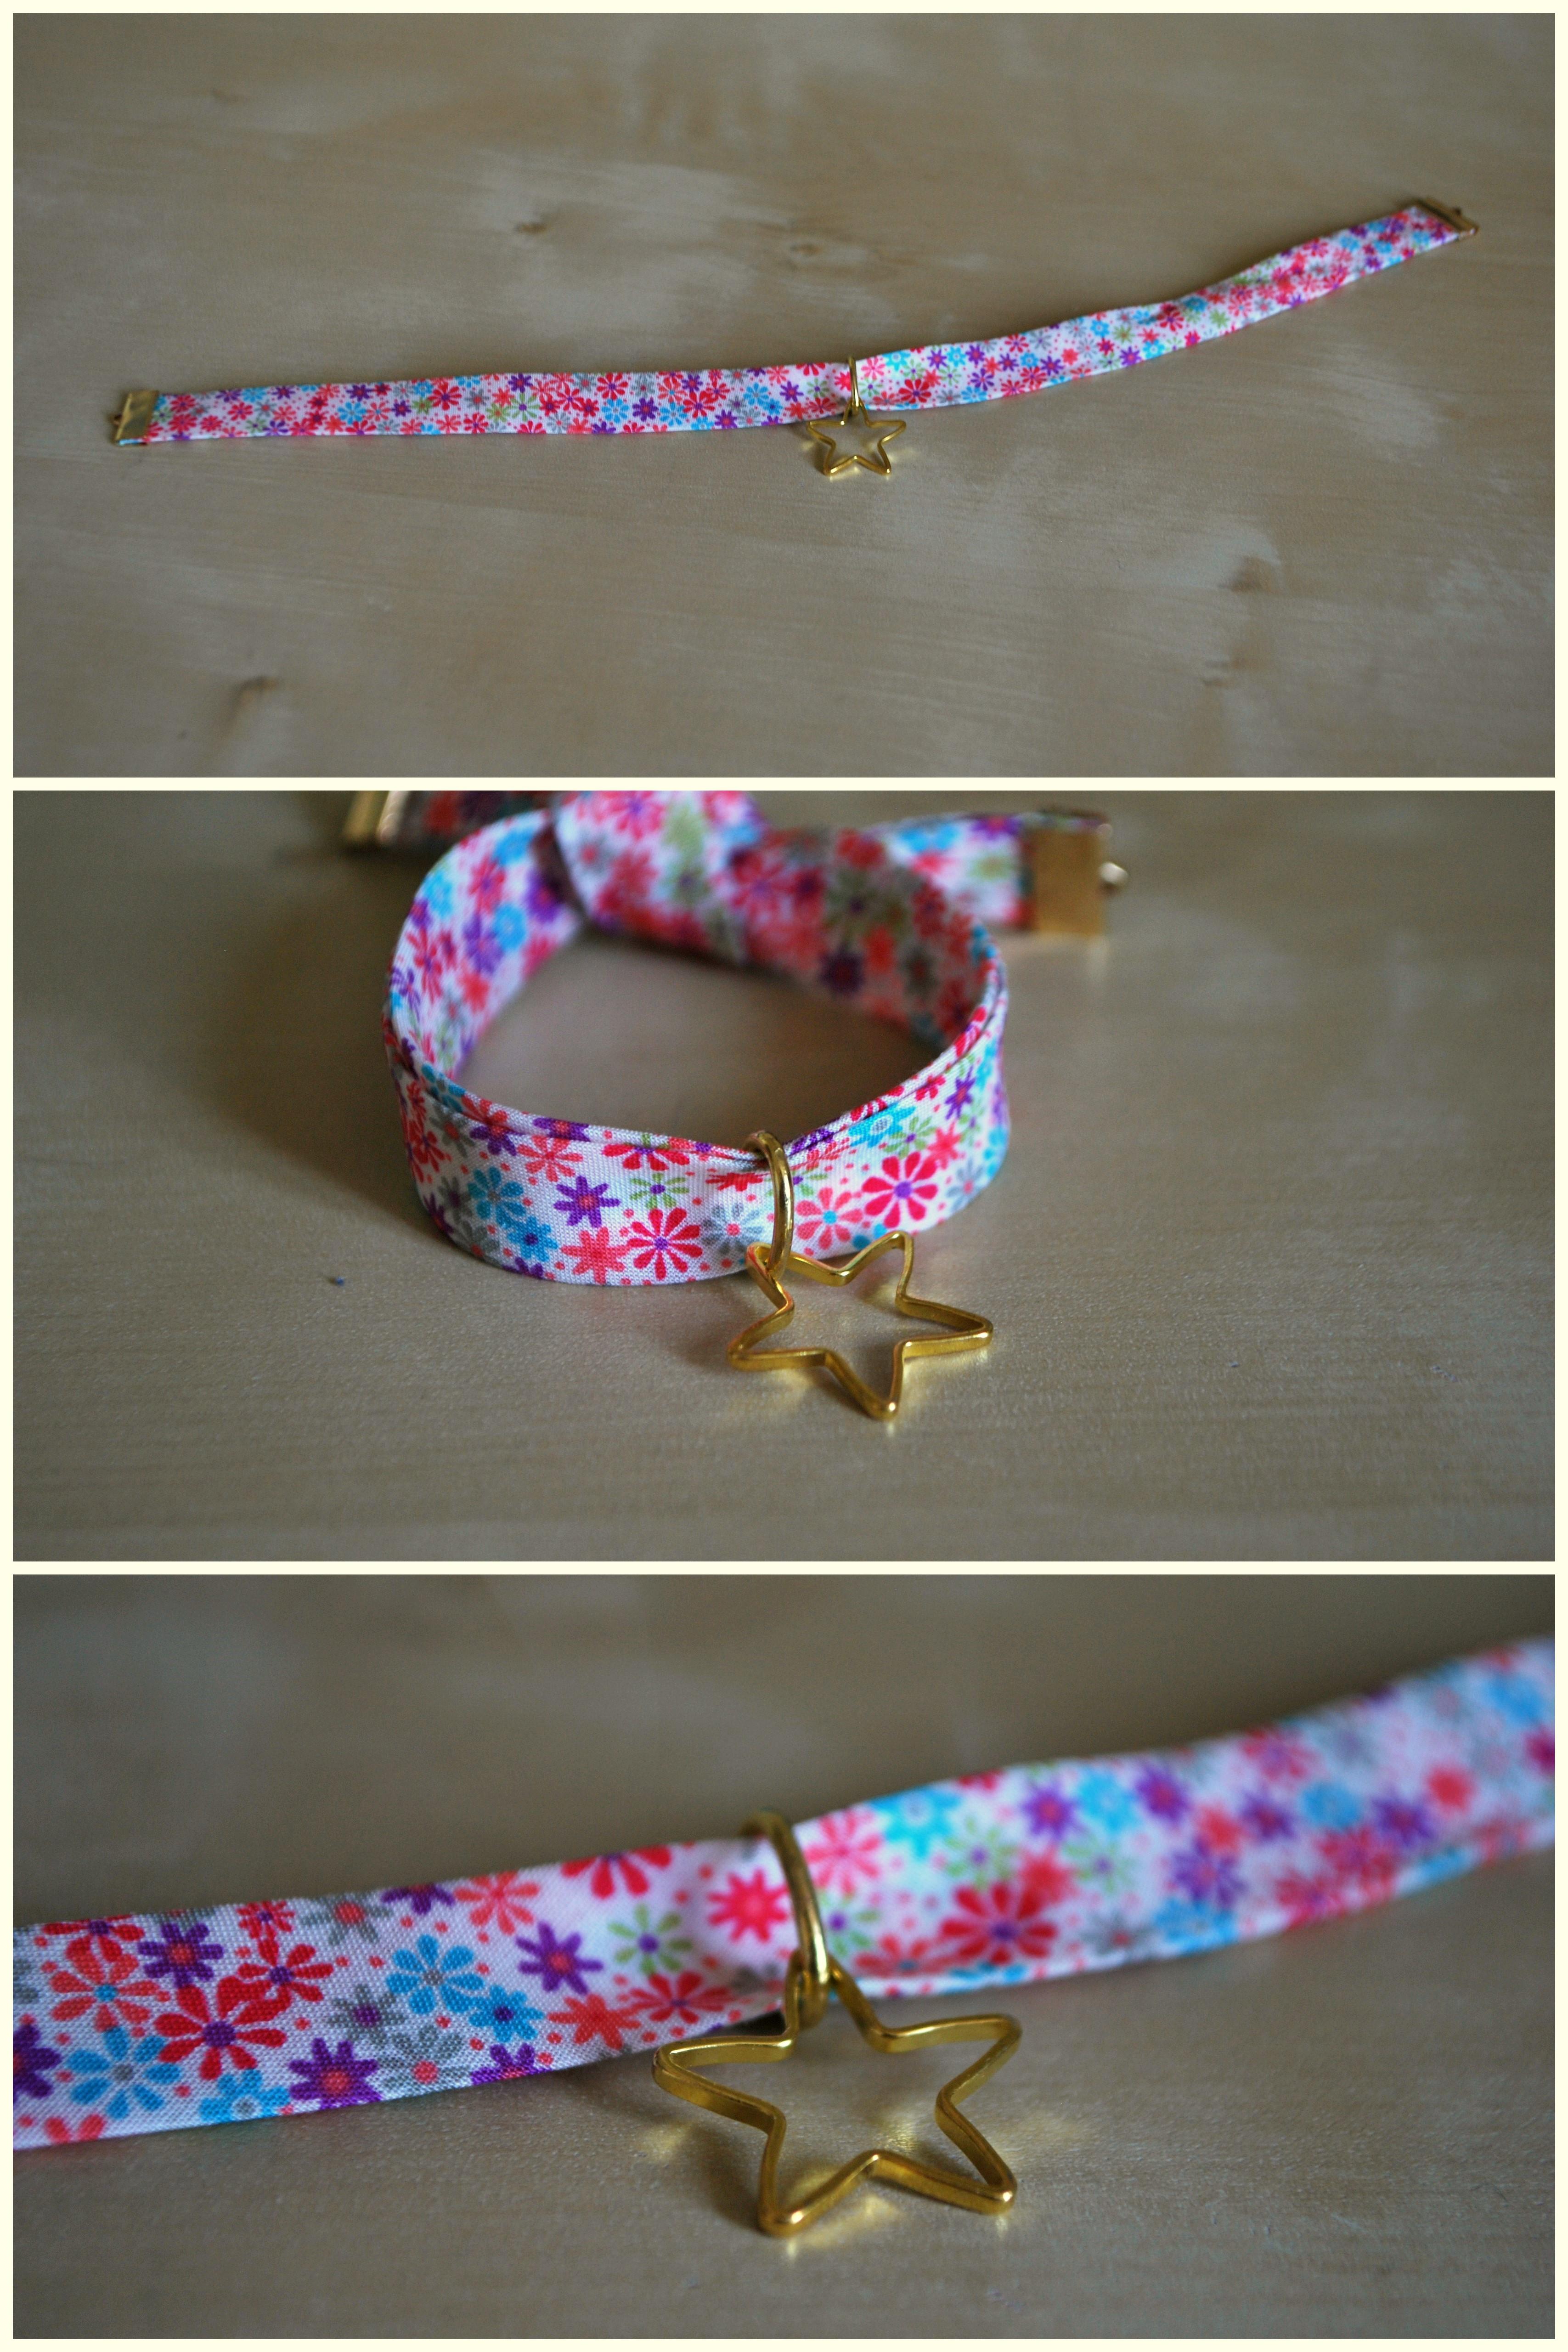 Un sac de loup et bracelet liberty tiny la souris - Tissu pour bracelet liberty ...